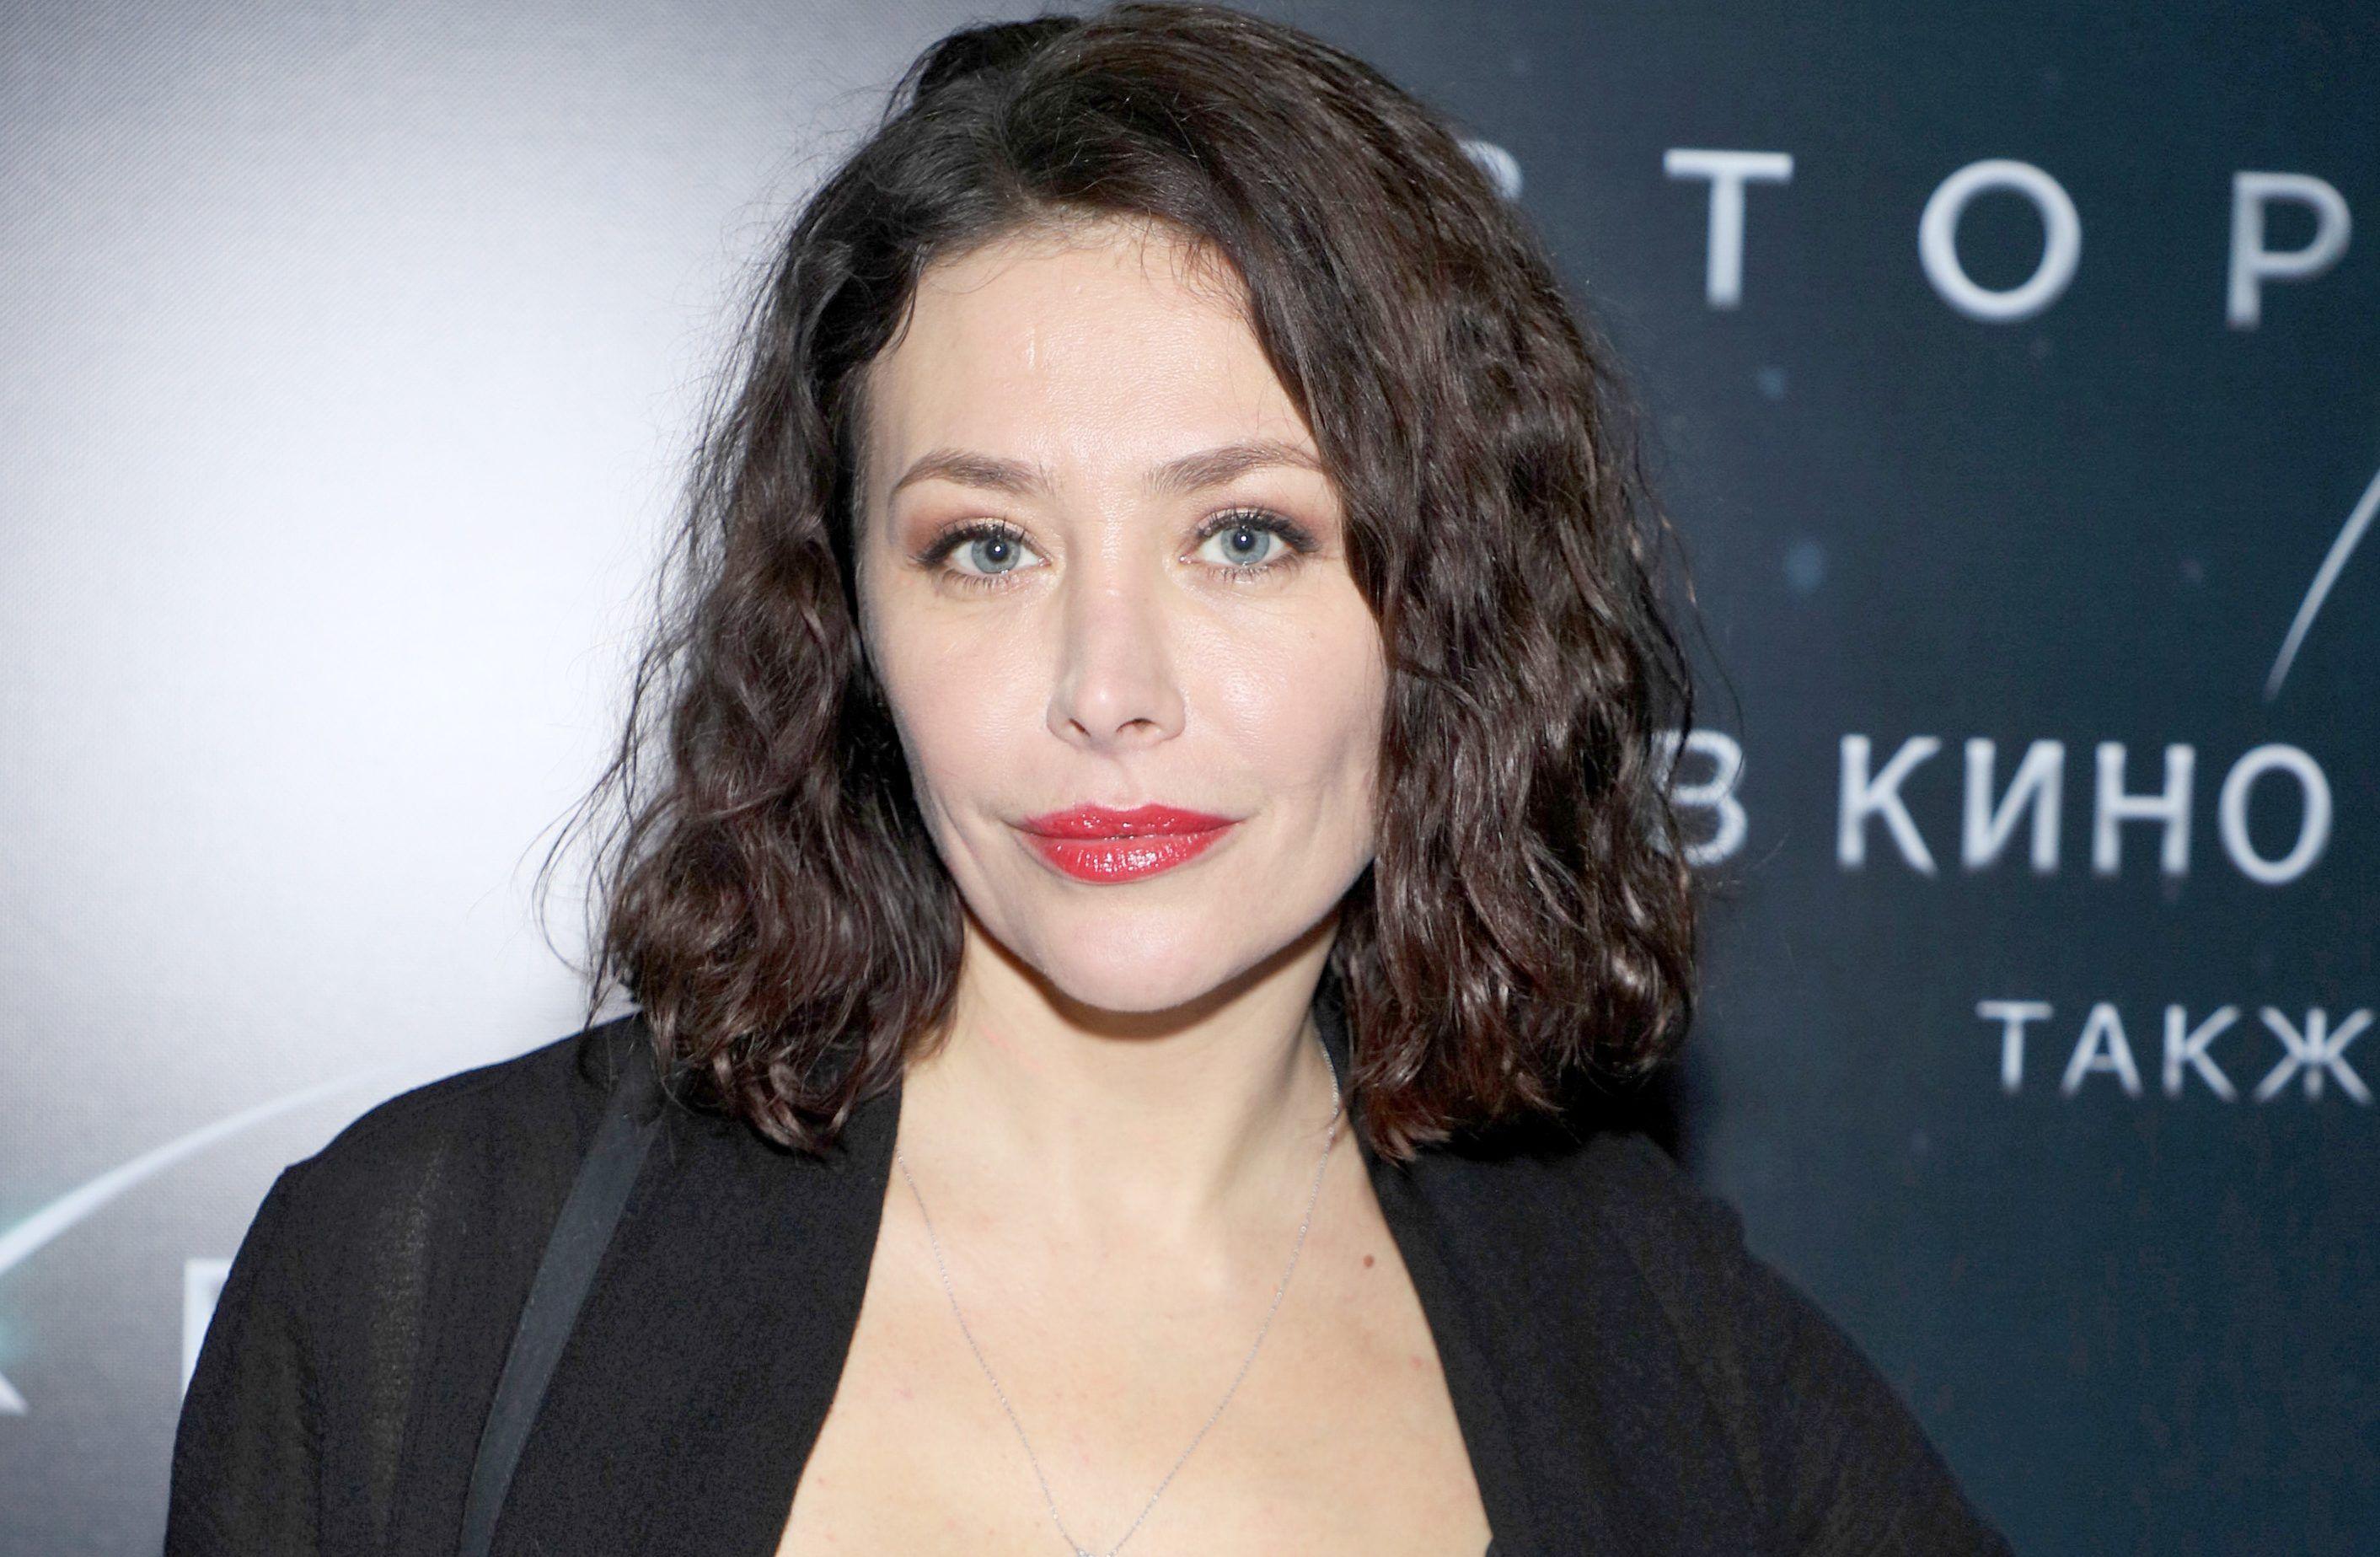 Актриса театра и кино Екатерина Волкова во время самоизоляции прошла кинопробы в онлайн-формате и сейчас готовится к съемкам. Фото: PERSONA STARS